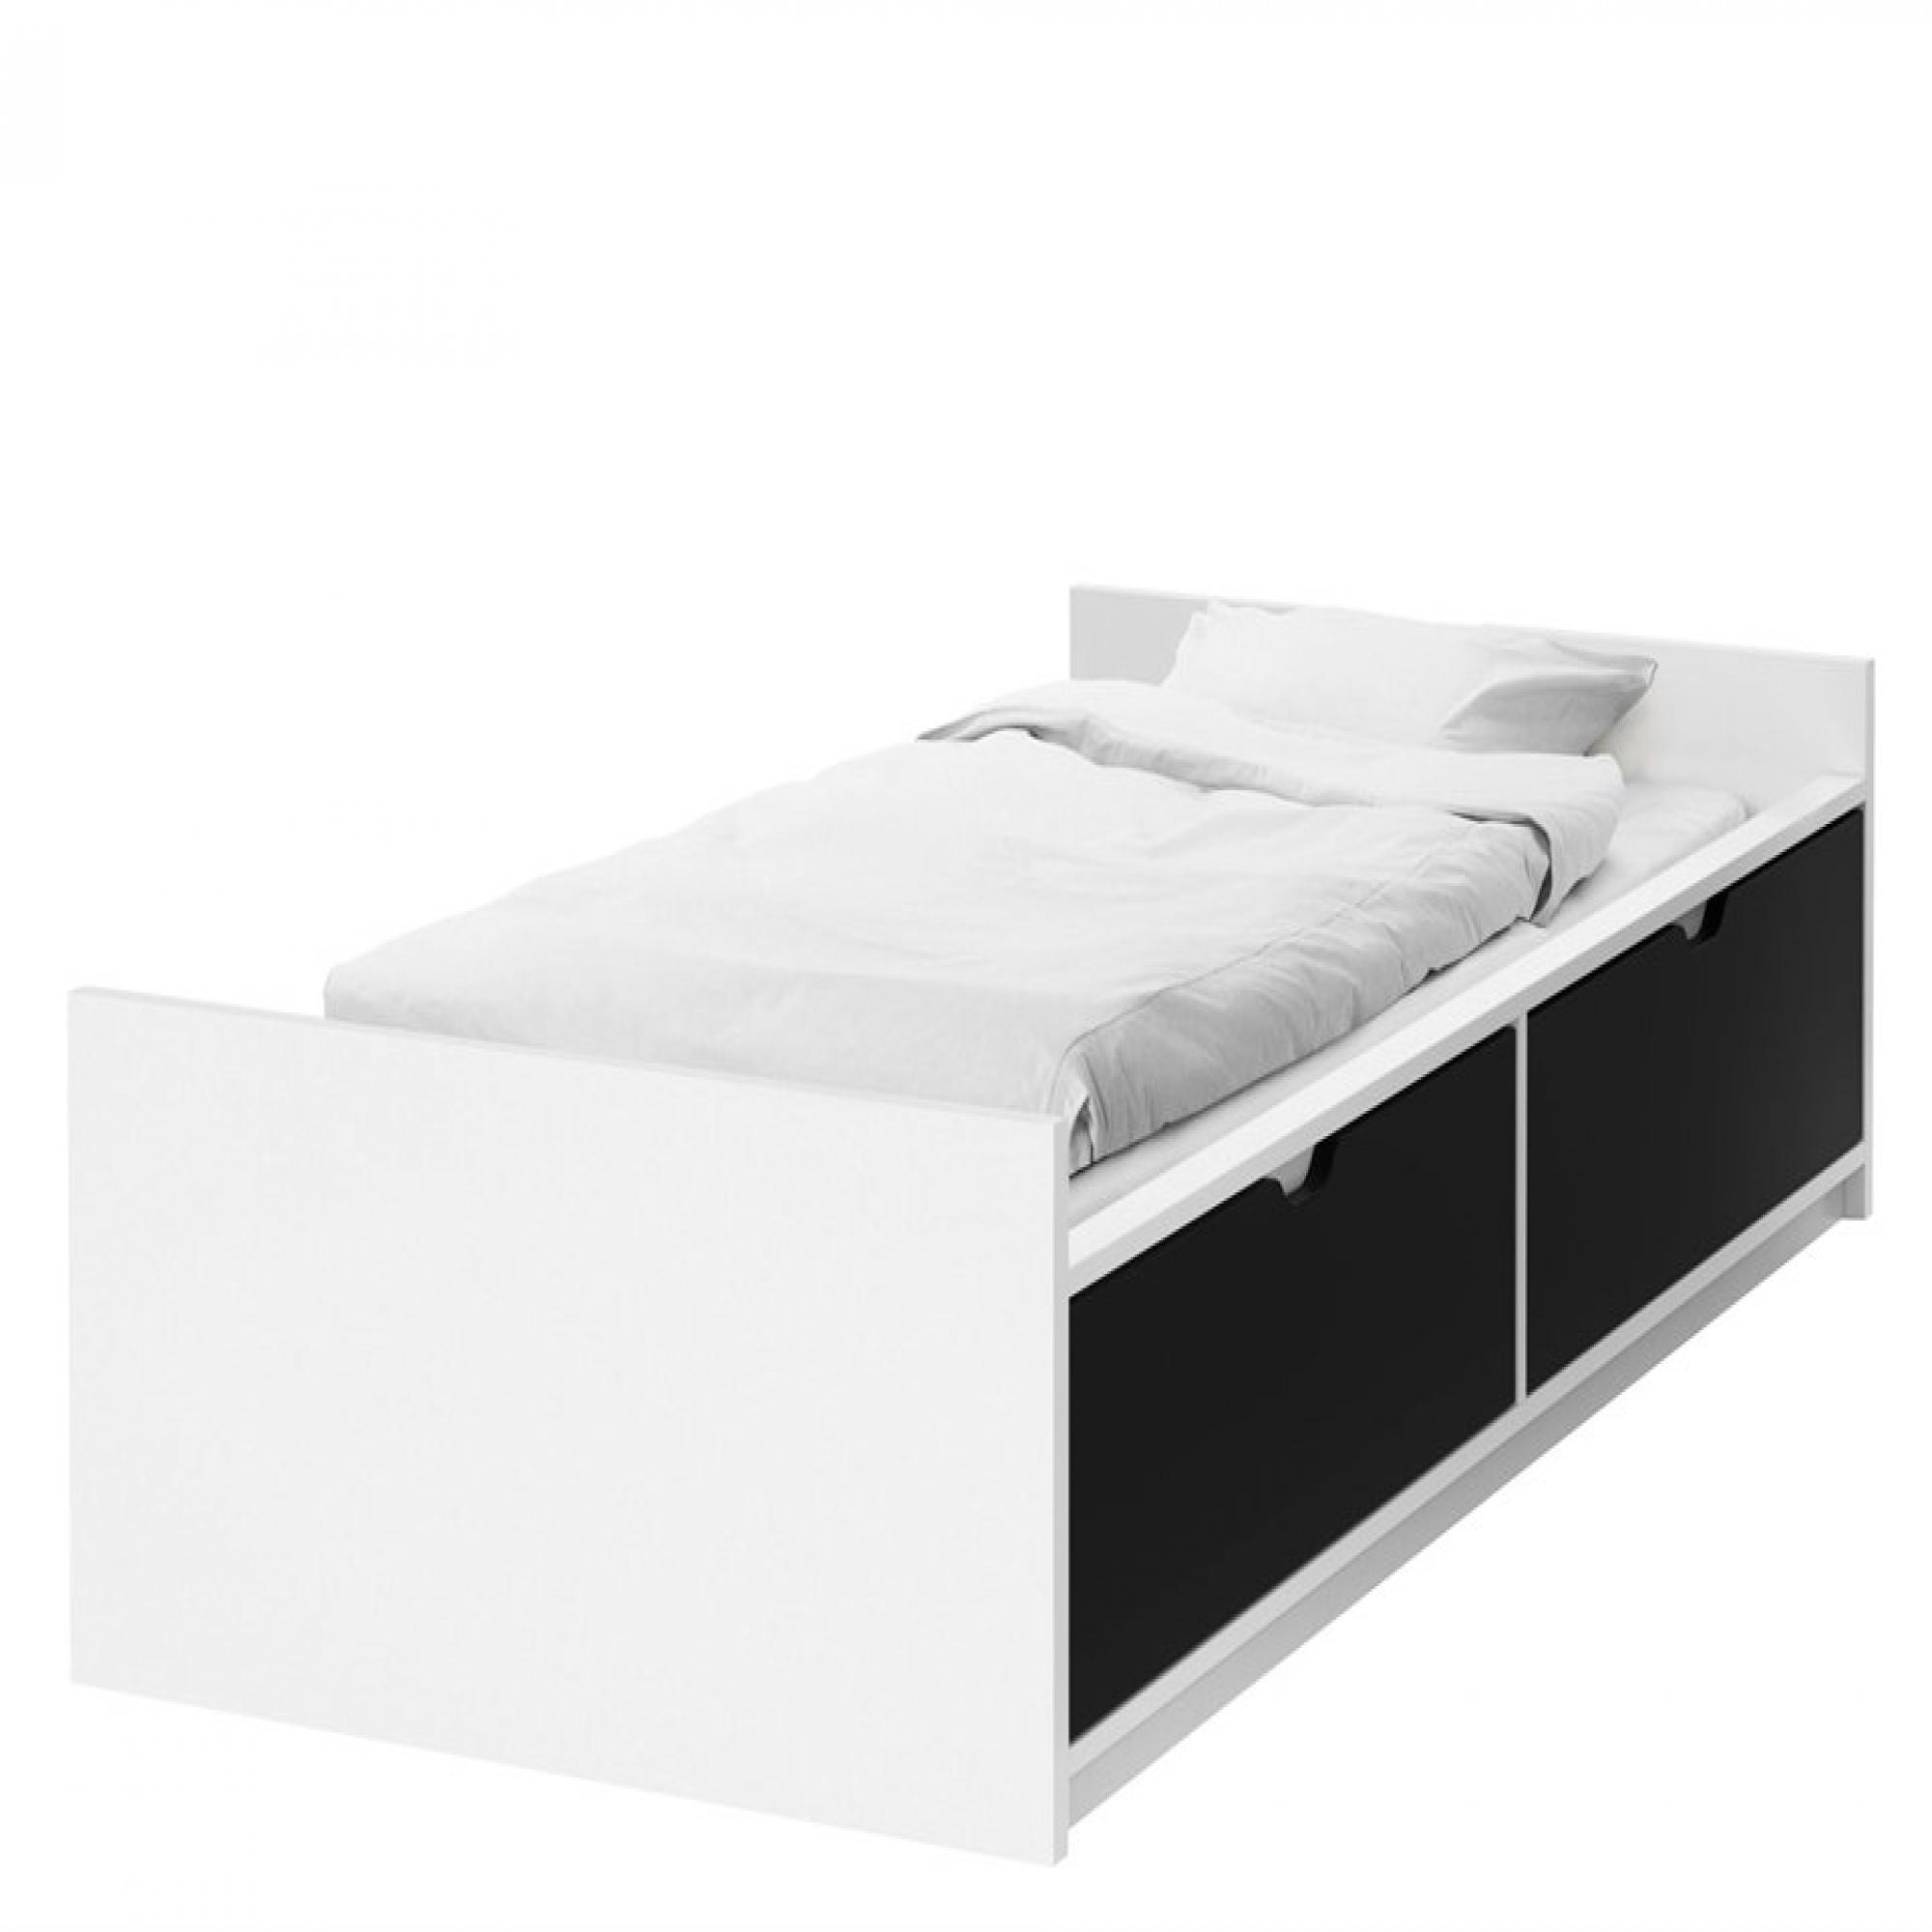 Flaxa estructura cama 90 con almacenaje inferior somier - Cama almacenaje ikea ...